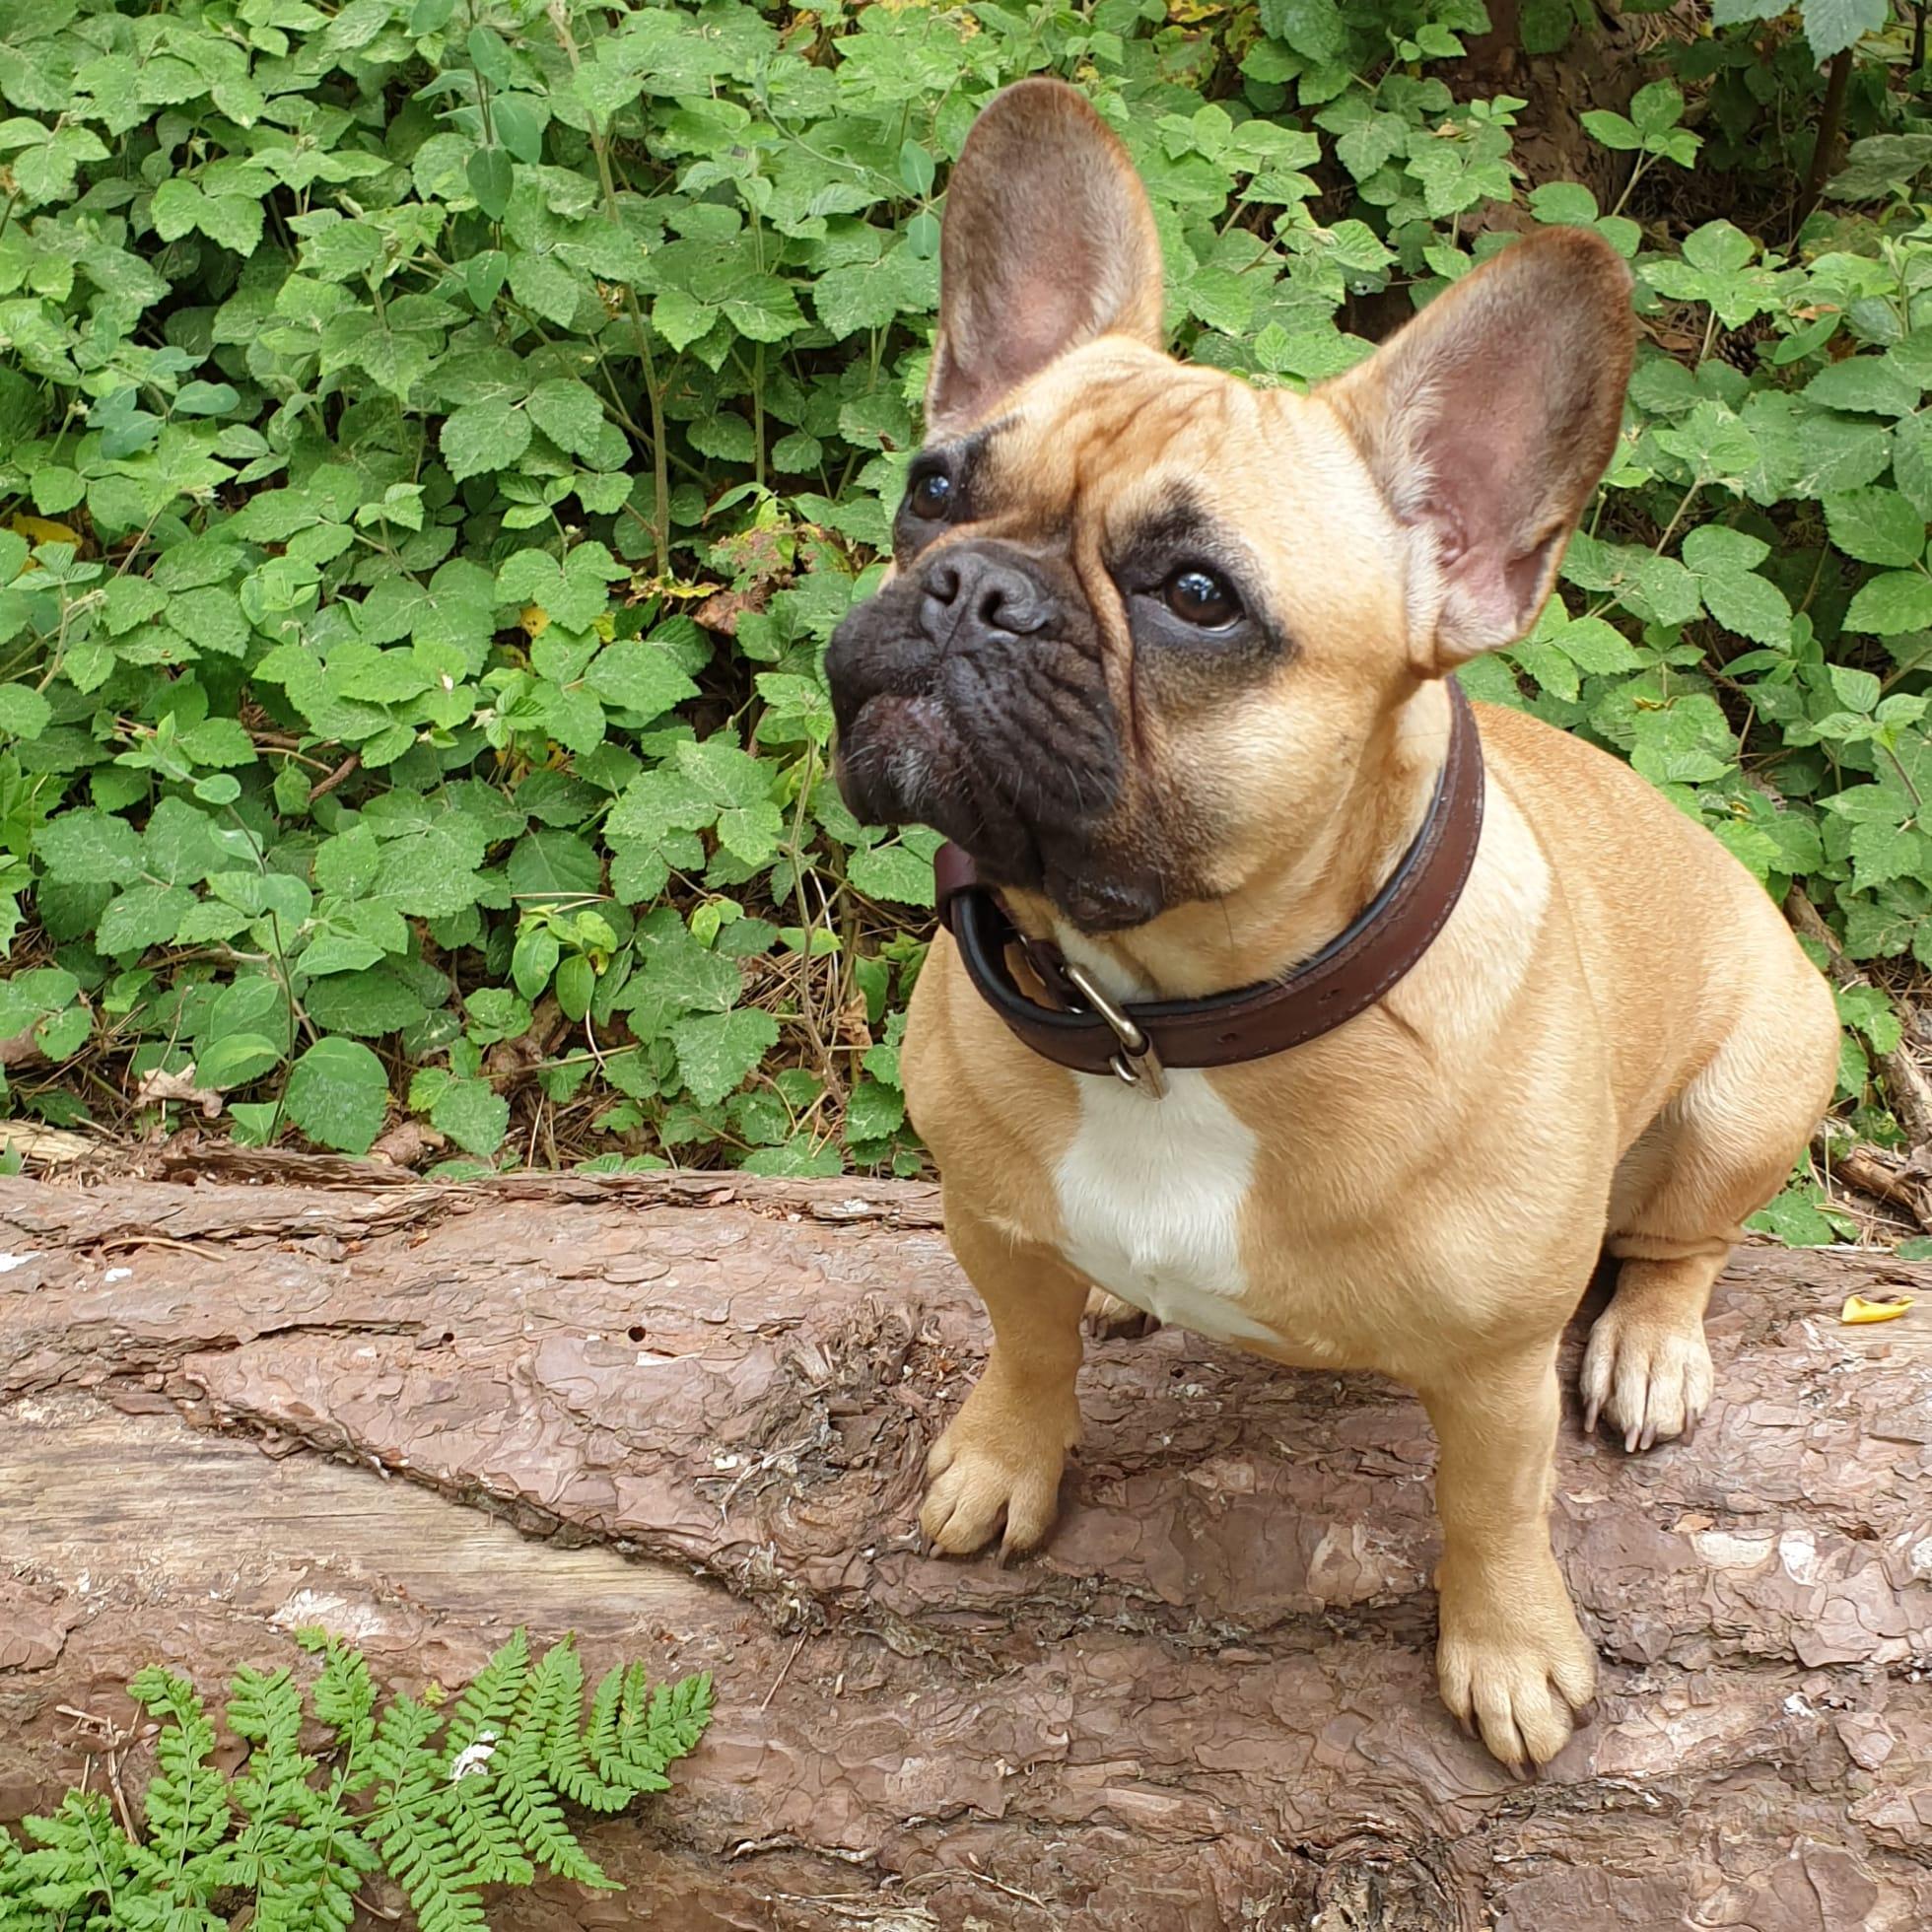 french bulldog breeder the netherlands, french bulldog with longer muzzle, healthy french bulldog, dutch french bulldog